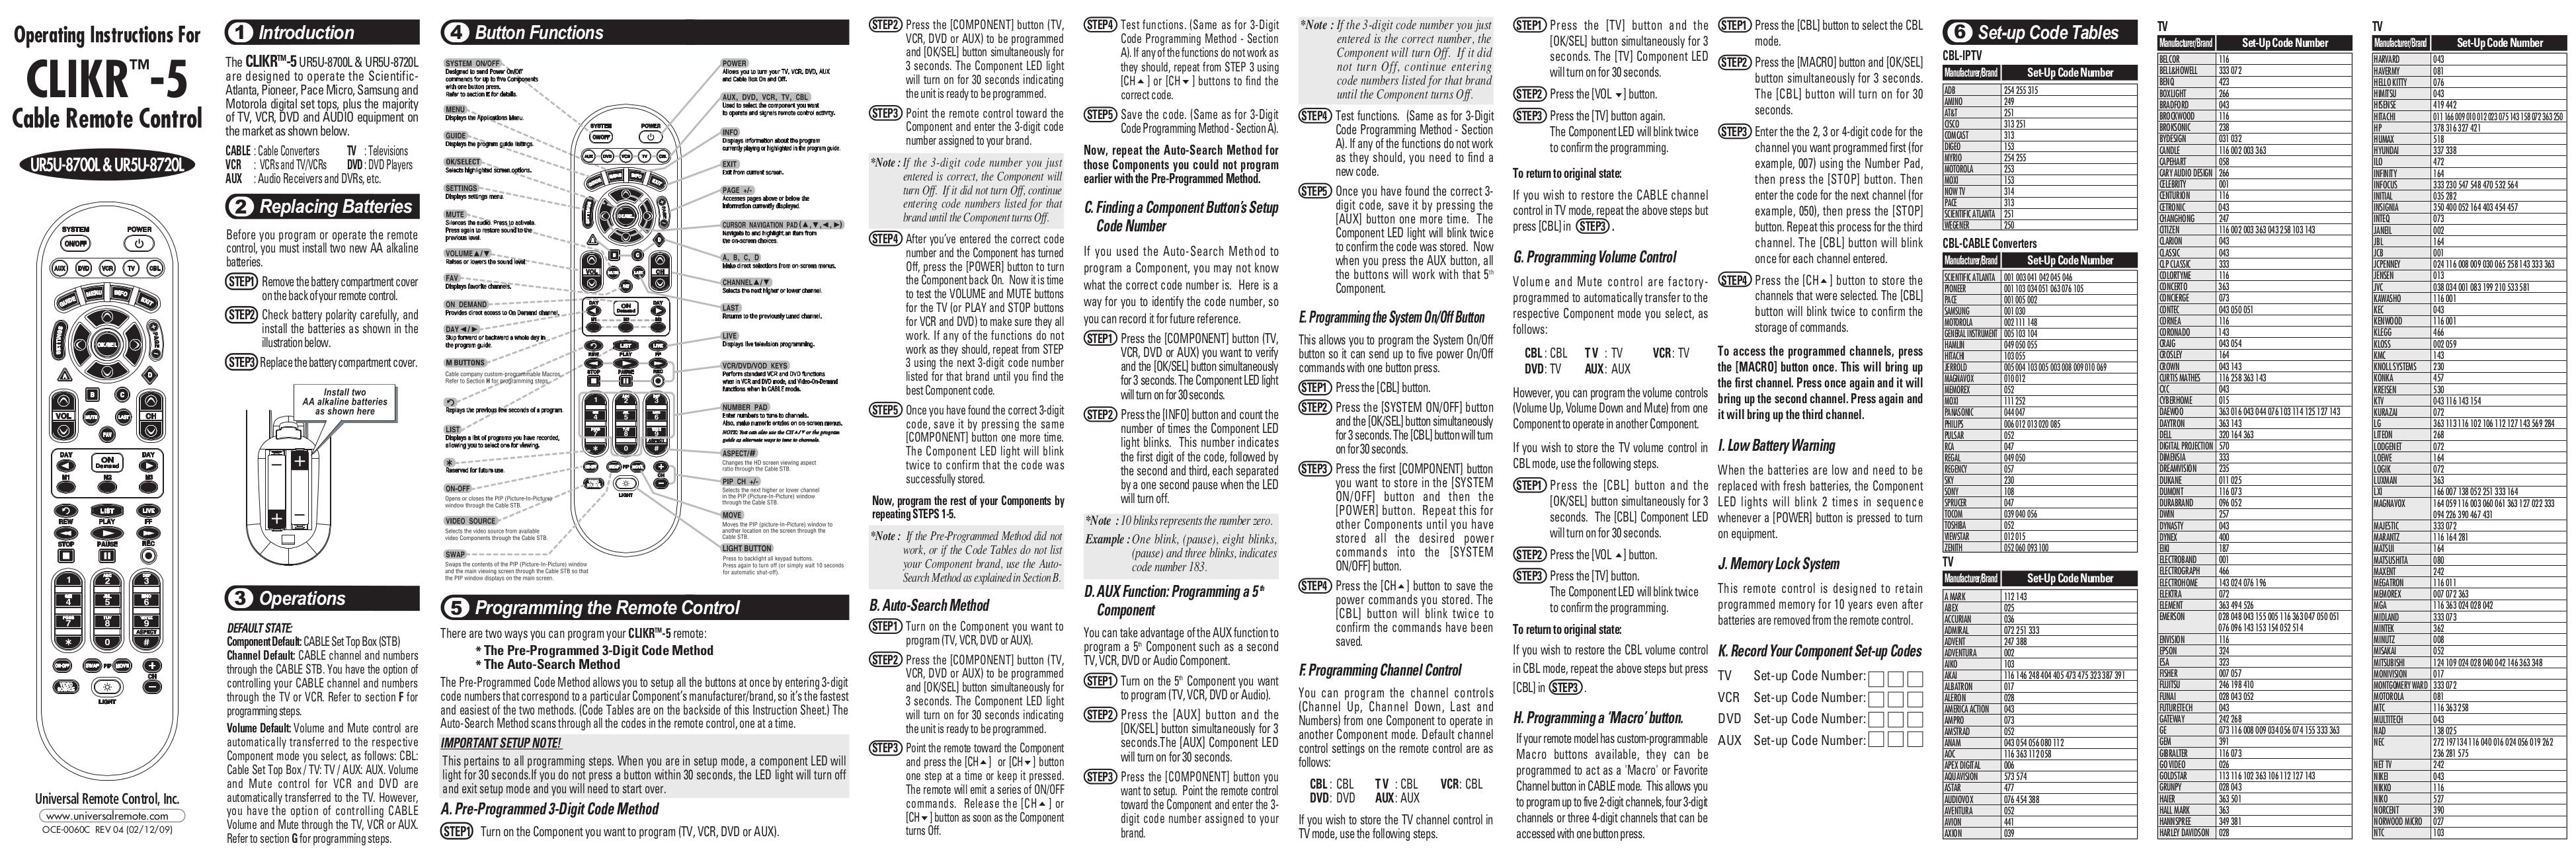 Download free pdf for Vizio VBR120 DVD Players manual